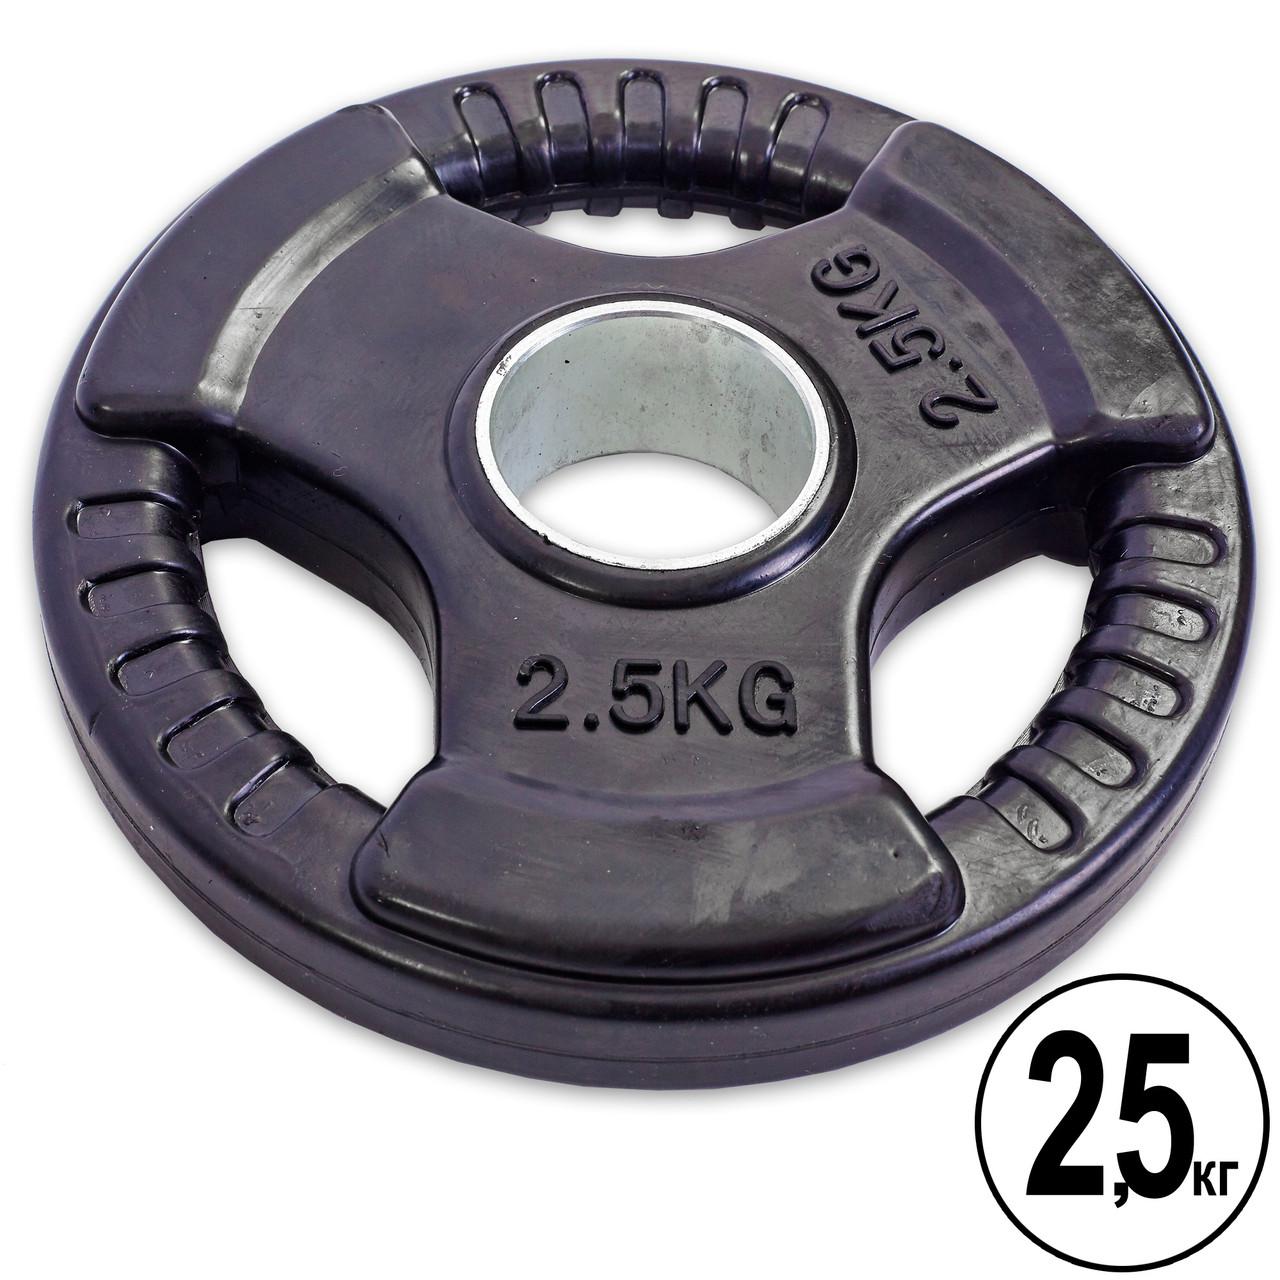 Млинці 52мм 2,5 кг (диски) обгумовані Record